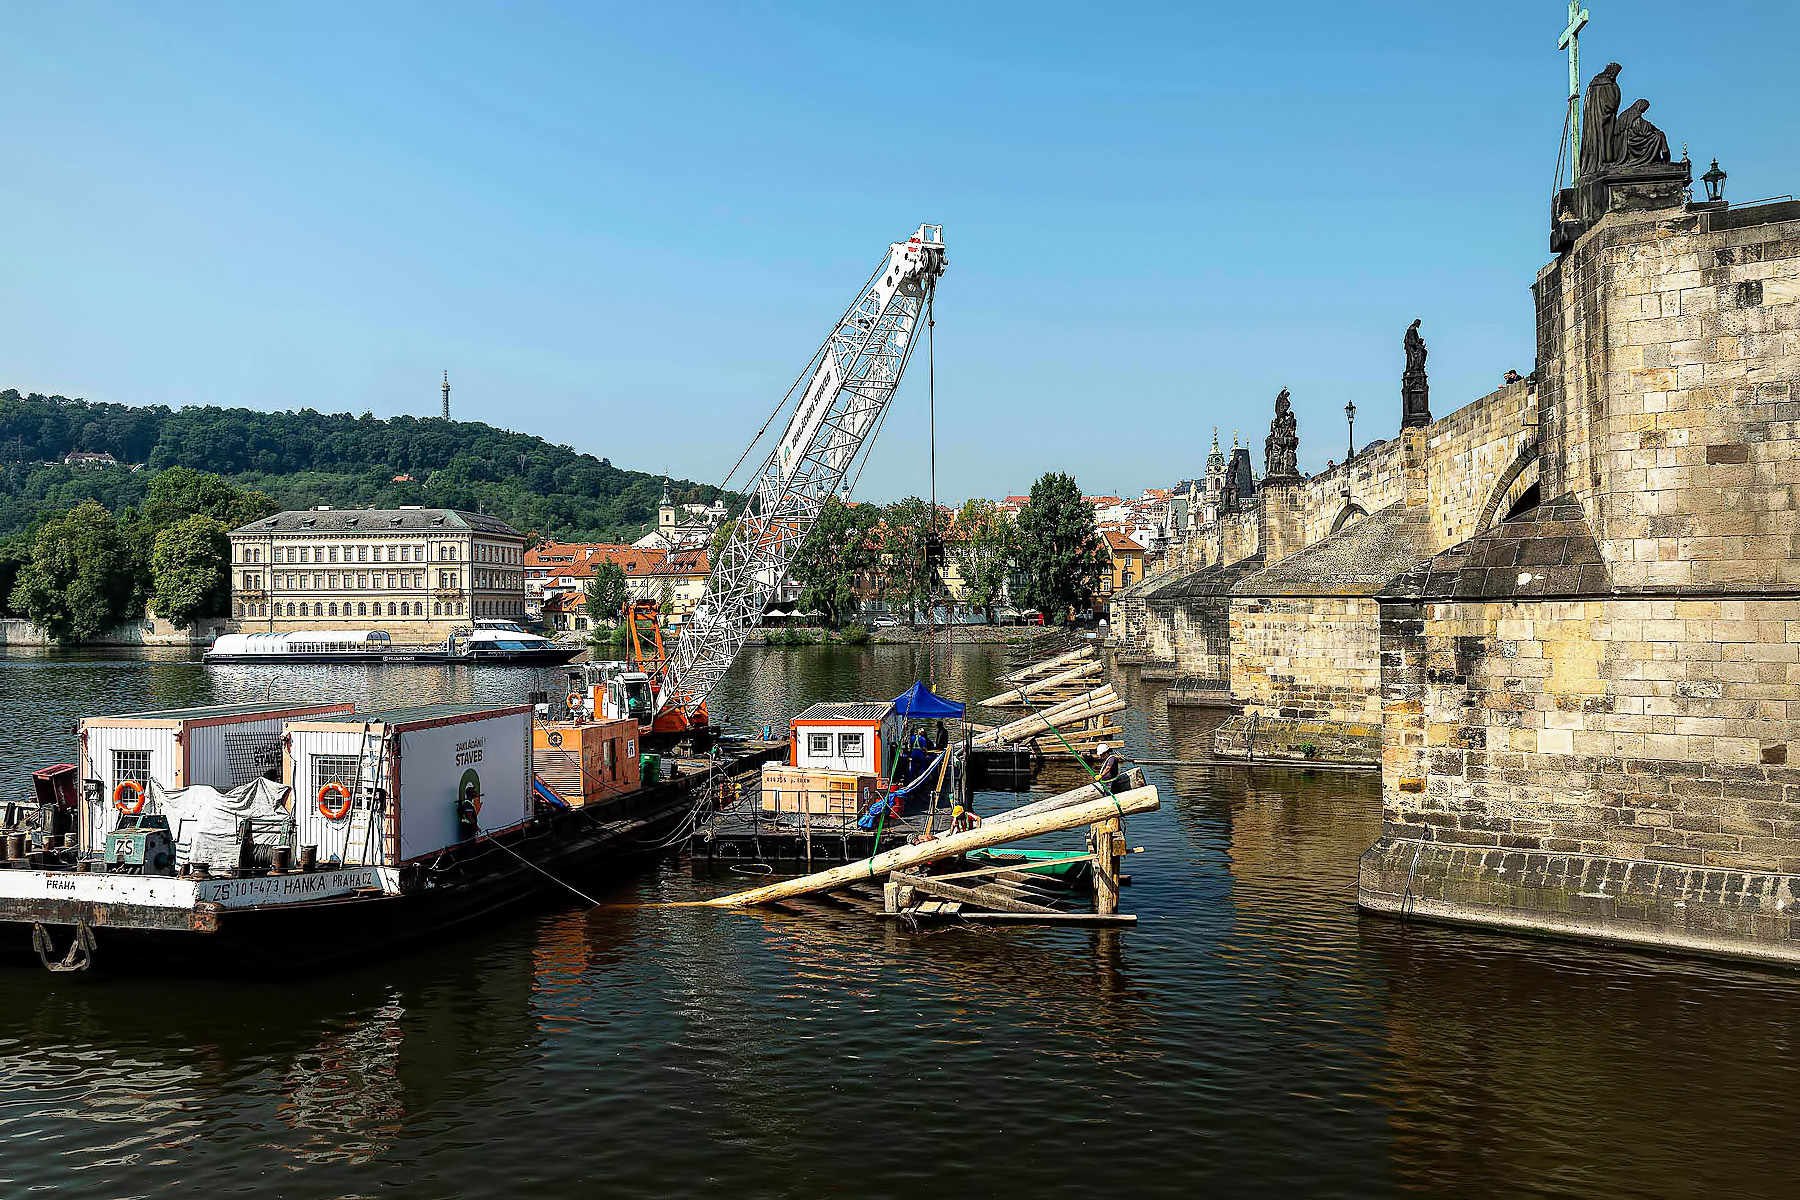 Oprava ledolamů před Karlovým mostem v Praze